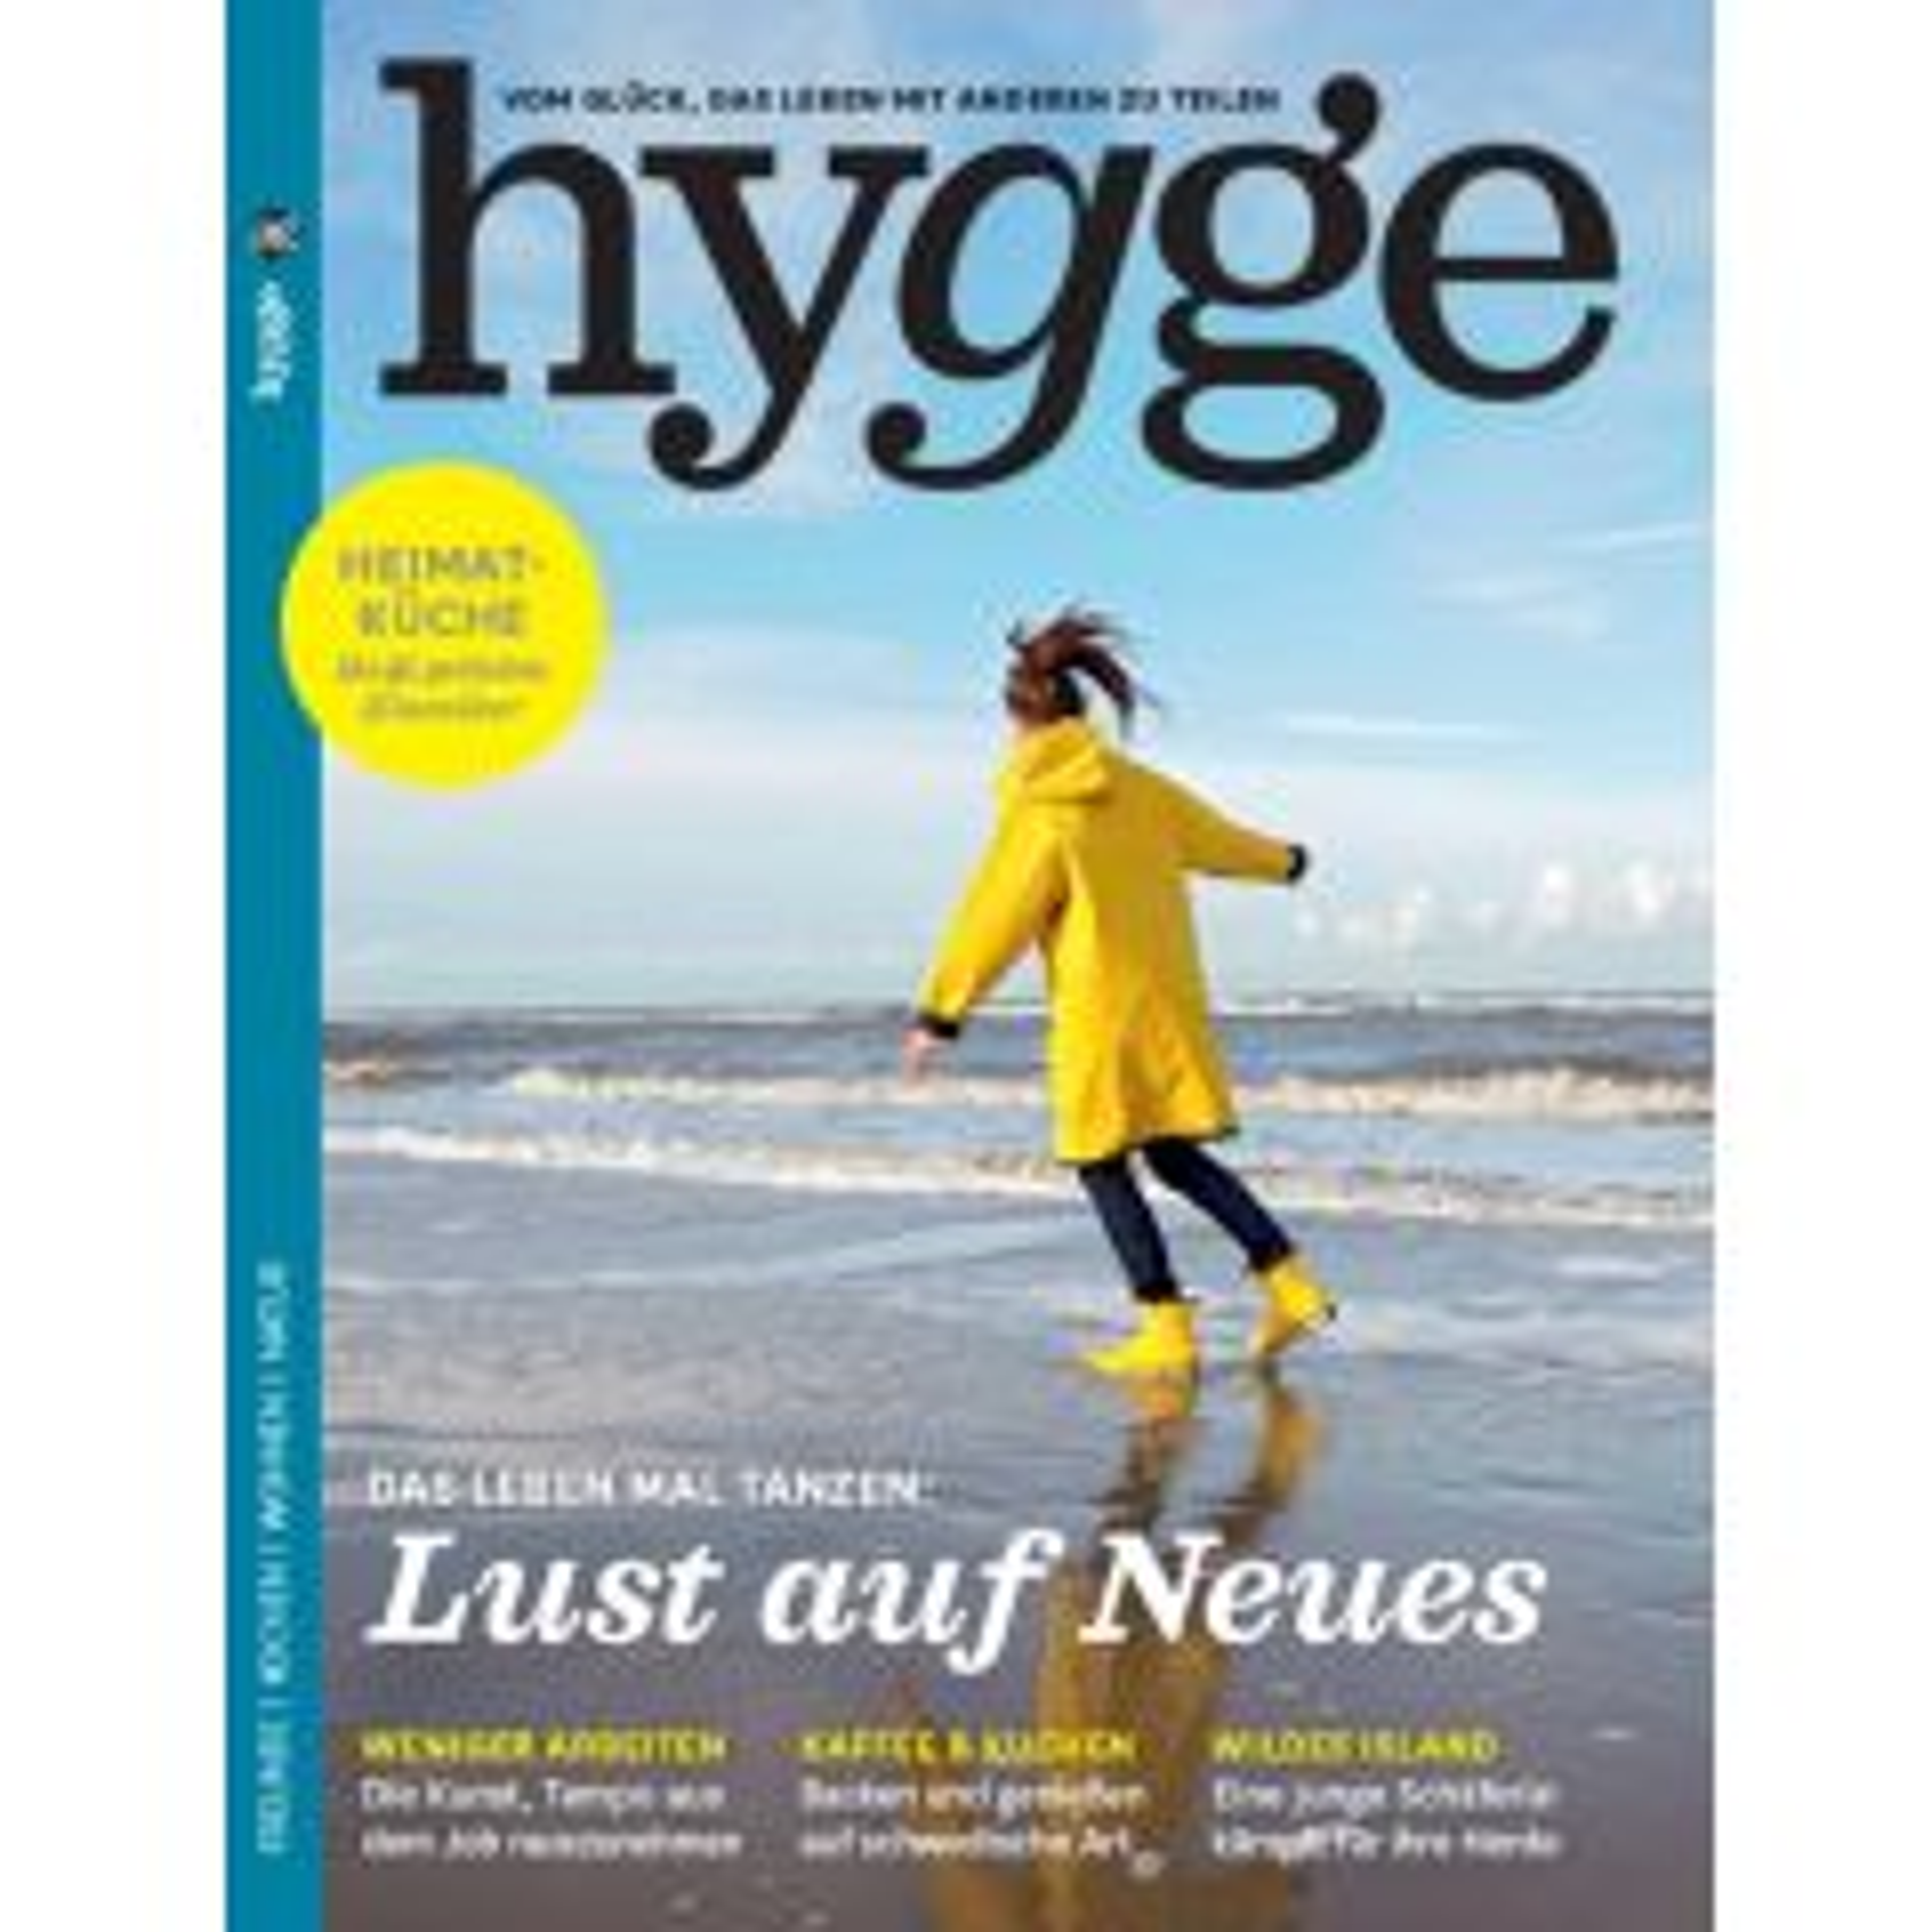 hygge 10 (01/2019)